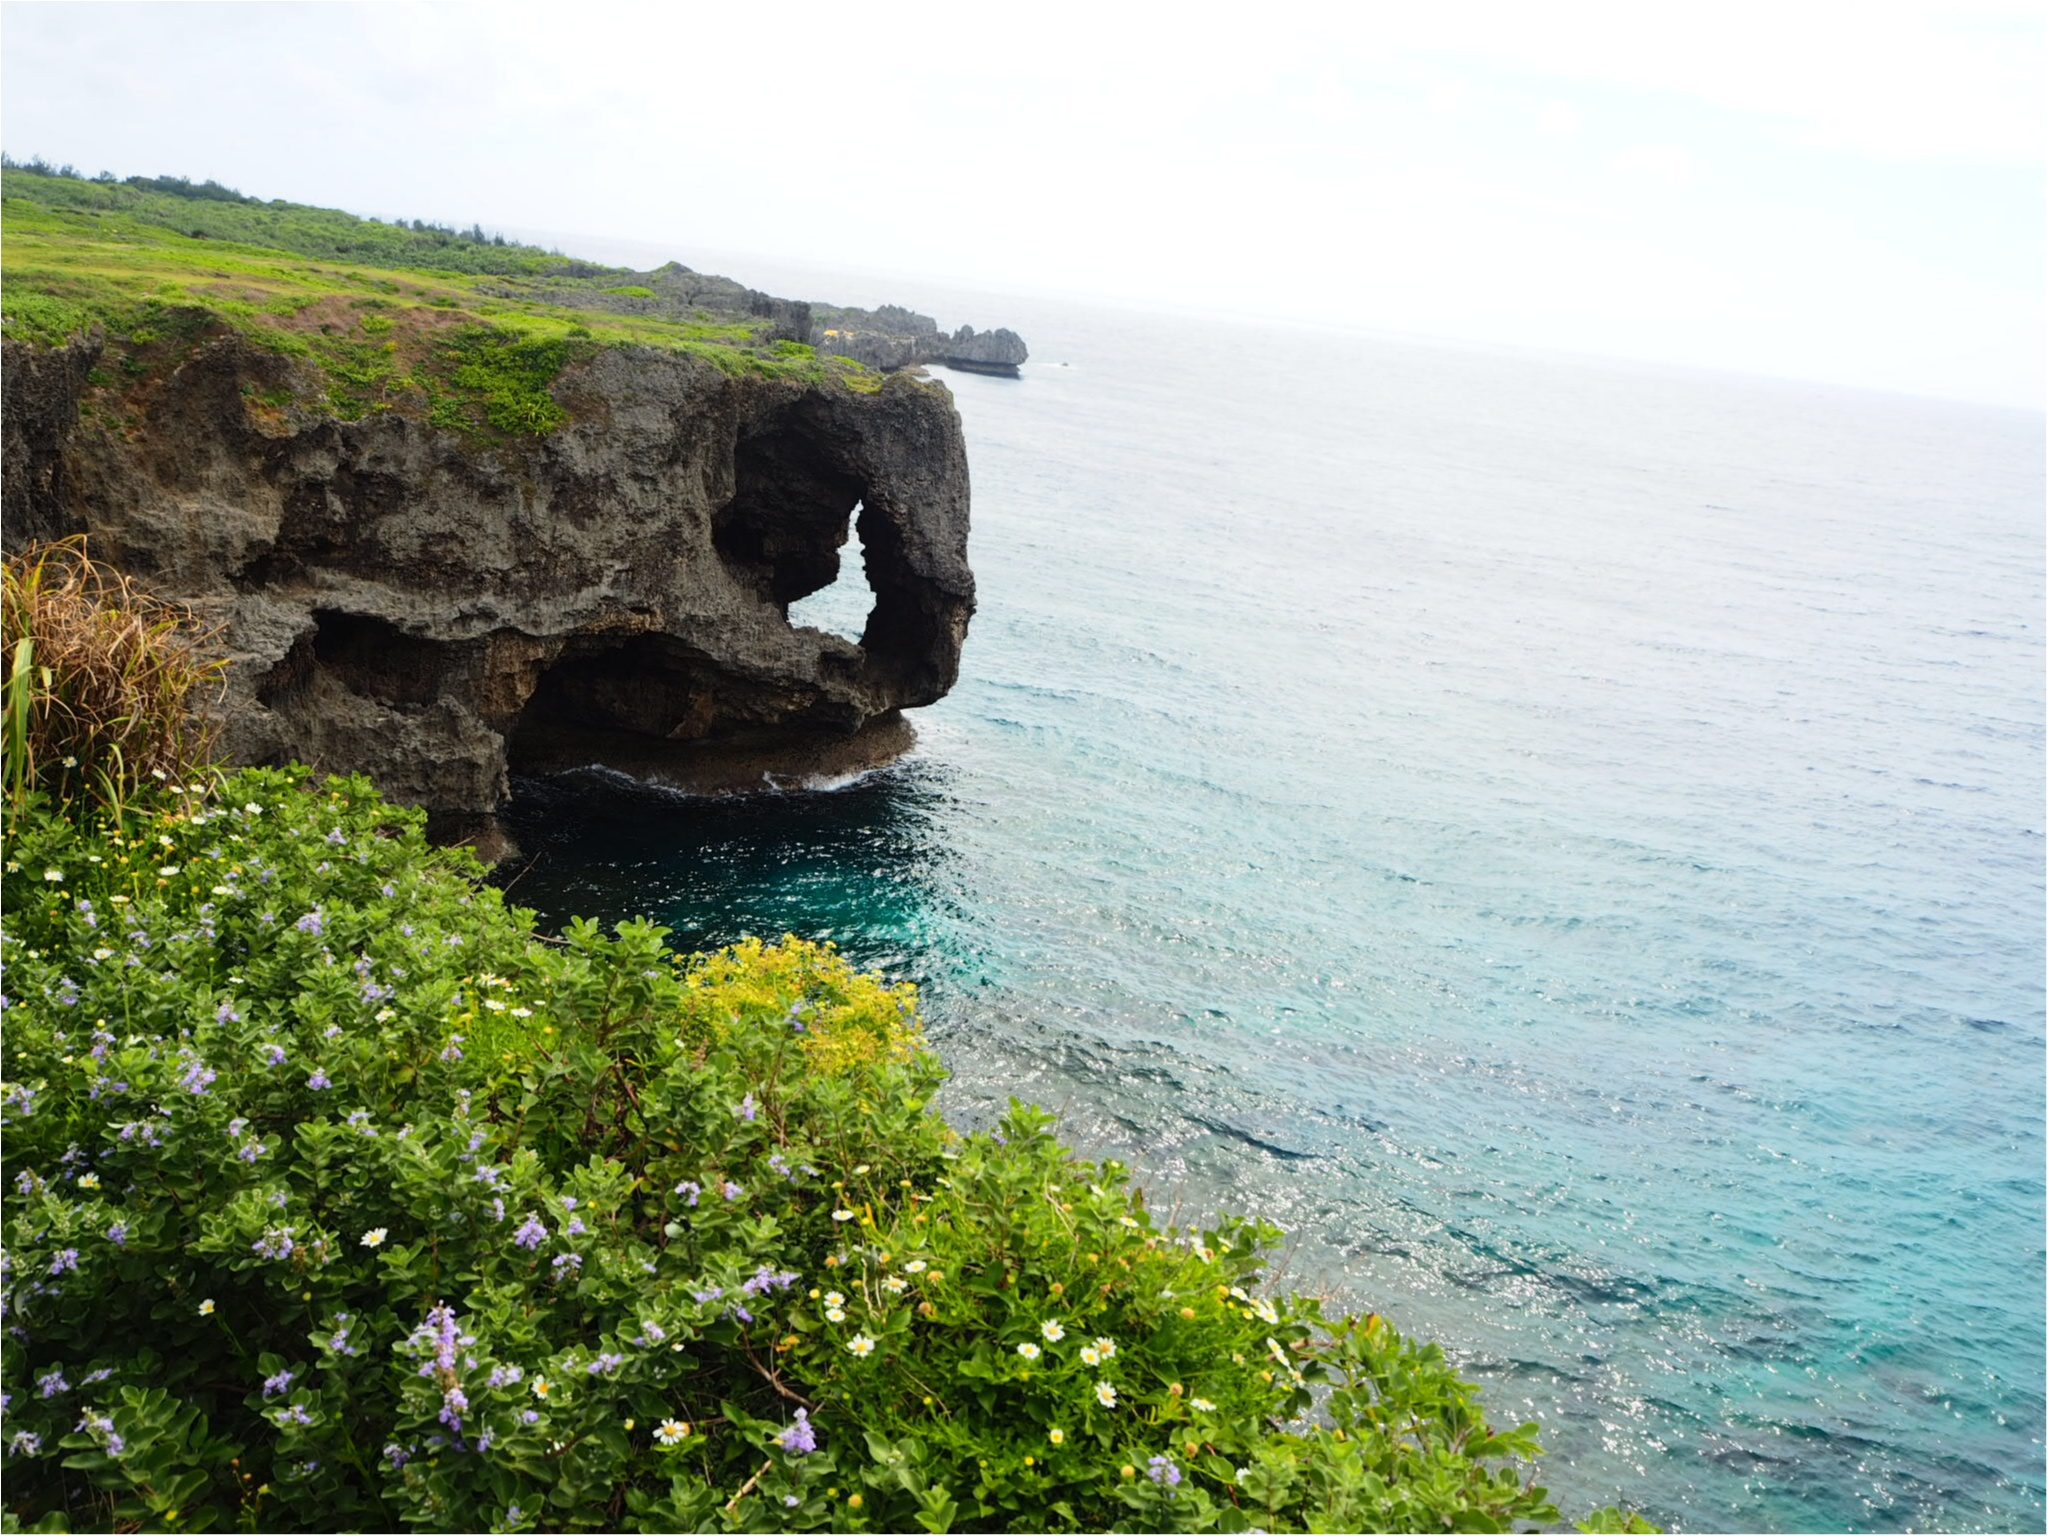 """【沖縄旅Part.②】車がなくても""""超""""充実できちゃう女子旅♡沖縄の綺麗な景色にとっても癒されました〜✴︎_9"""